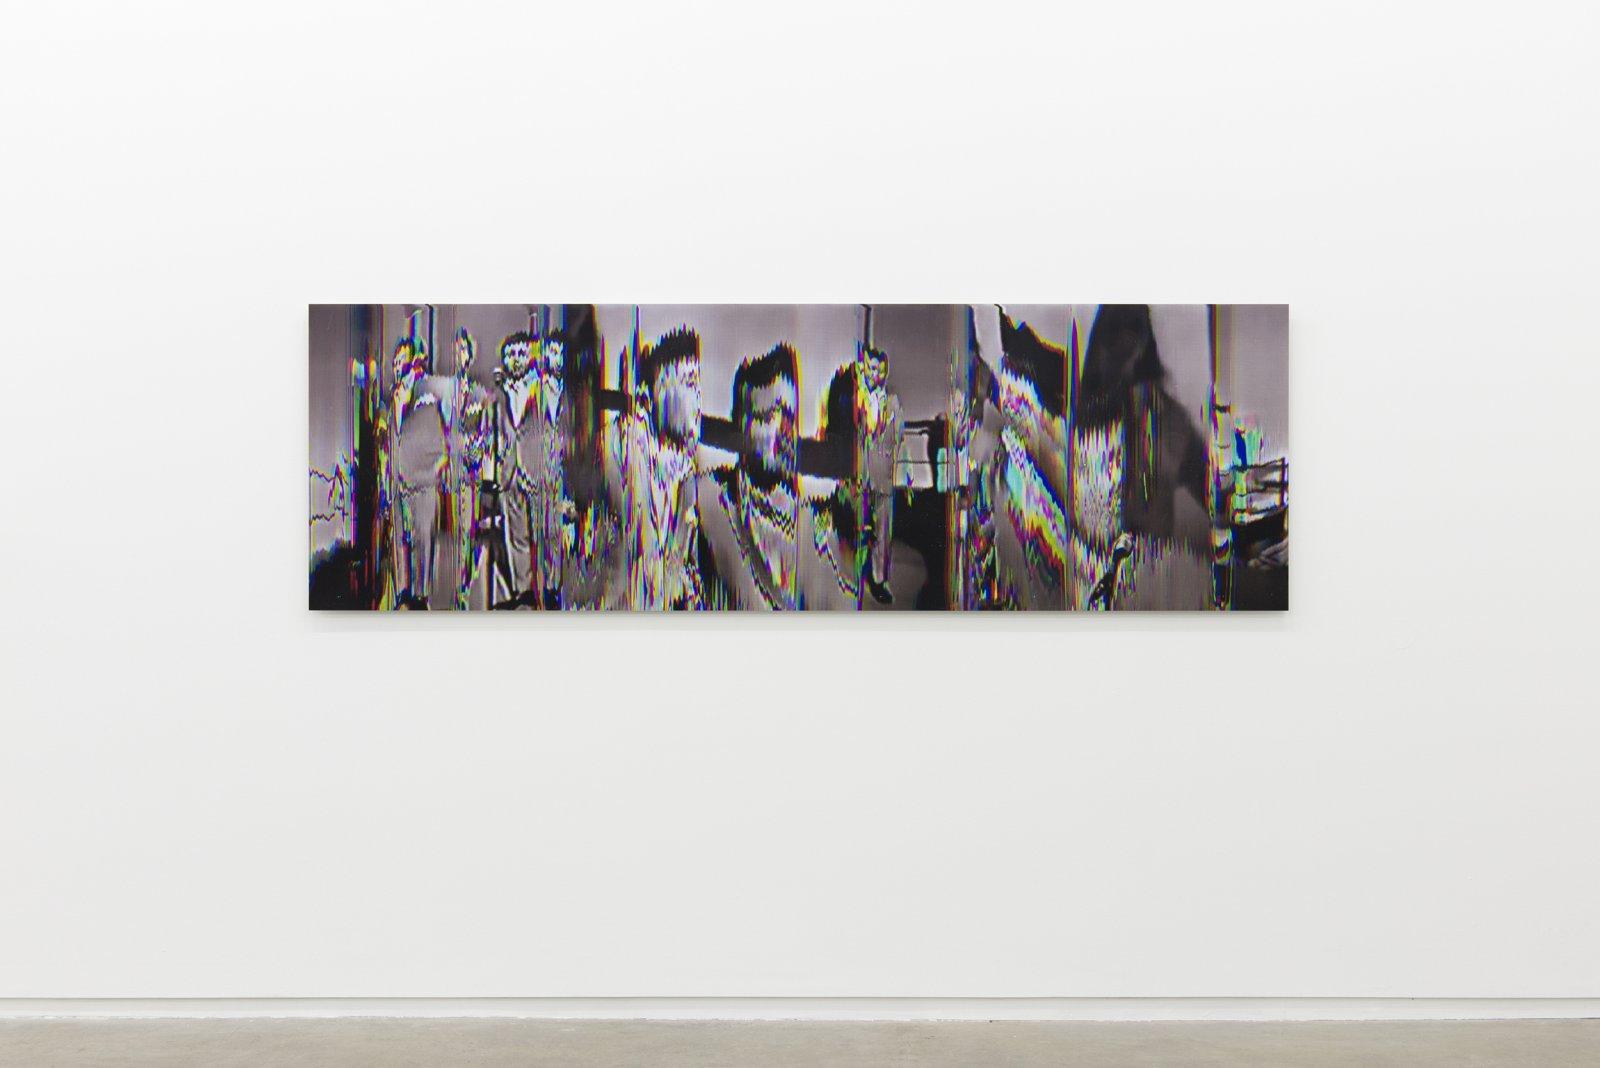 Raymond Boisjoly, Pat & Lolly Vegas (Interval: 1965/2013) Write Me, Baby 02, 2013, screen resolution lightjet print mounted on dibond, 30 x 96 in. (76 x 244 cm)  by Raymond Boisjoly